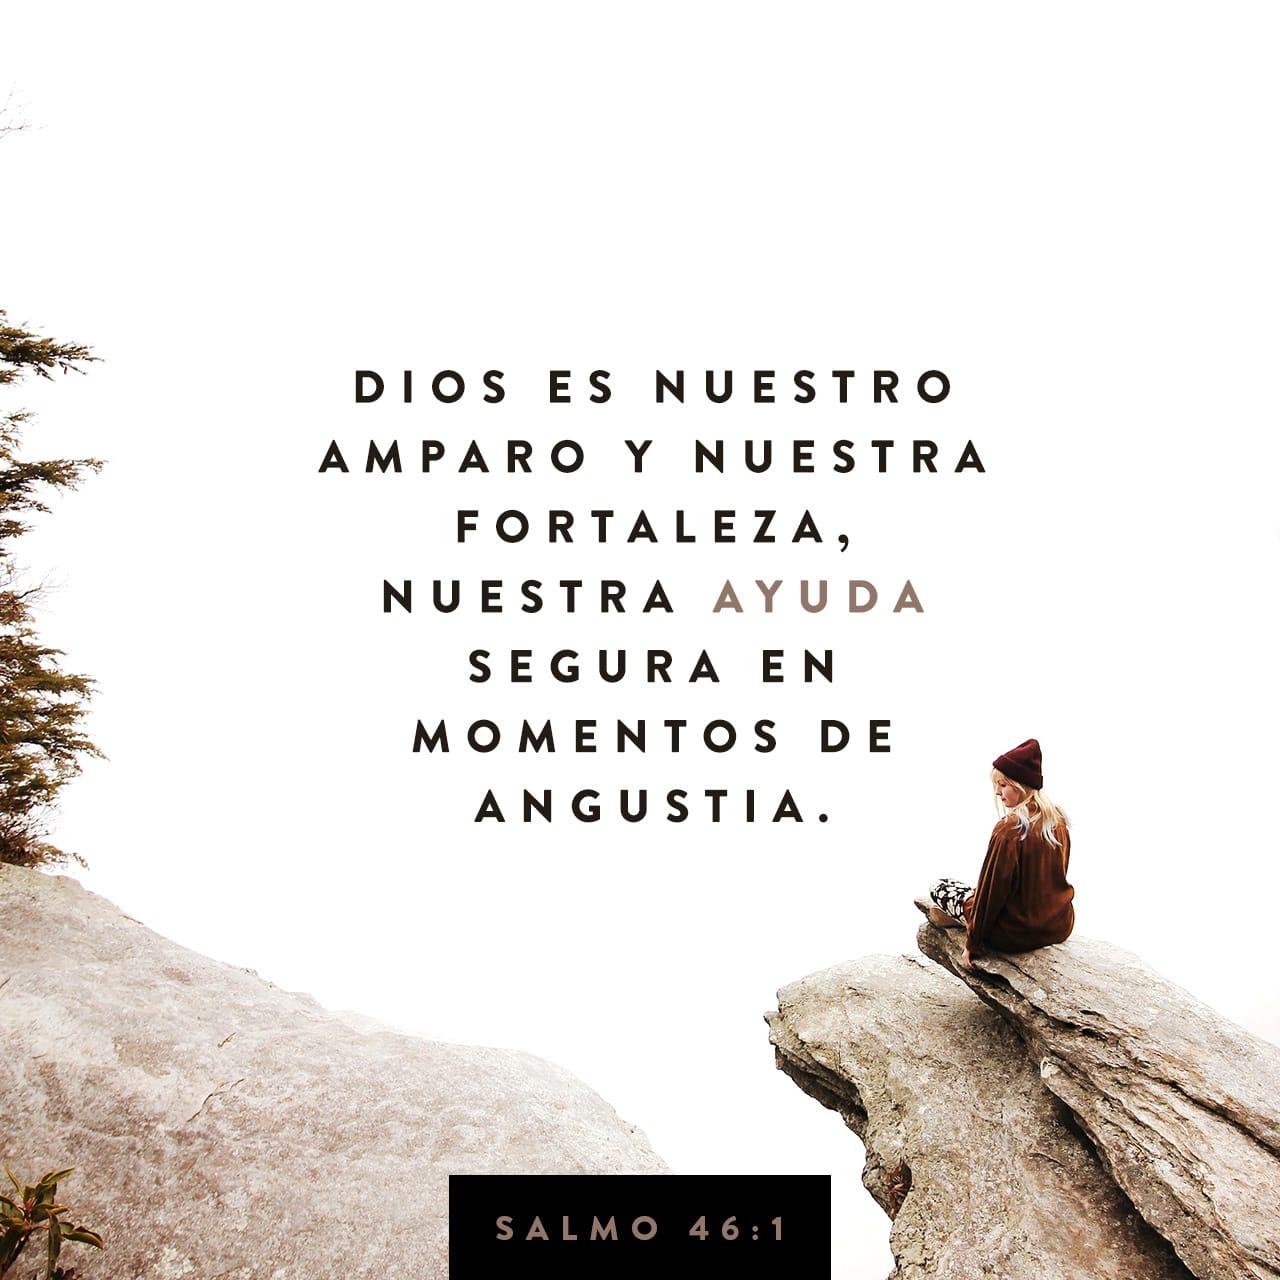 Salmos 46 1 Dios Es Nuestro Amparo Y